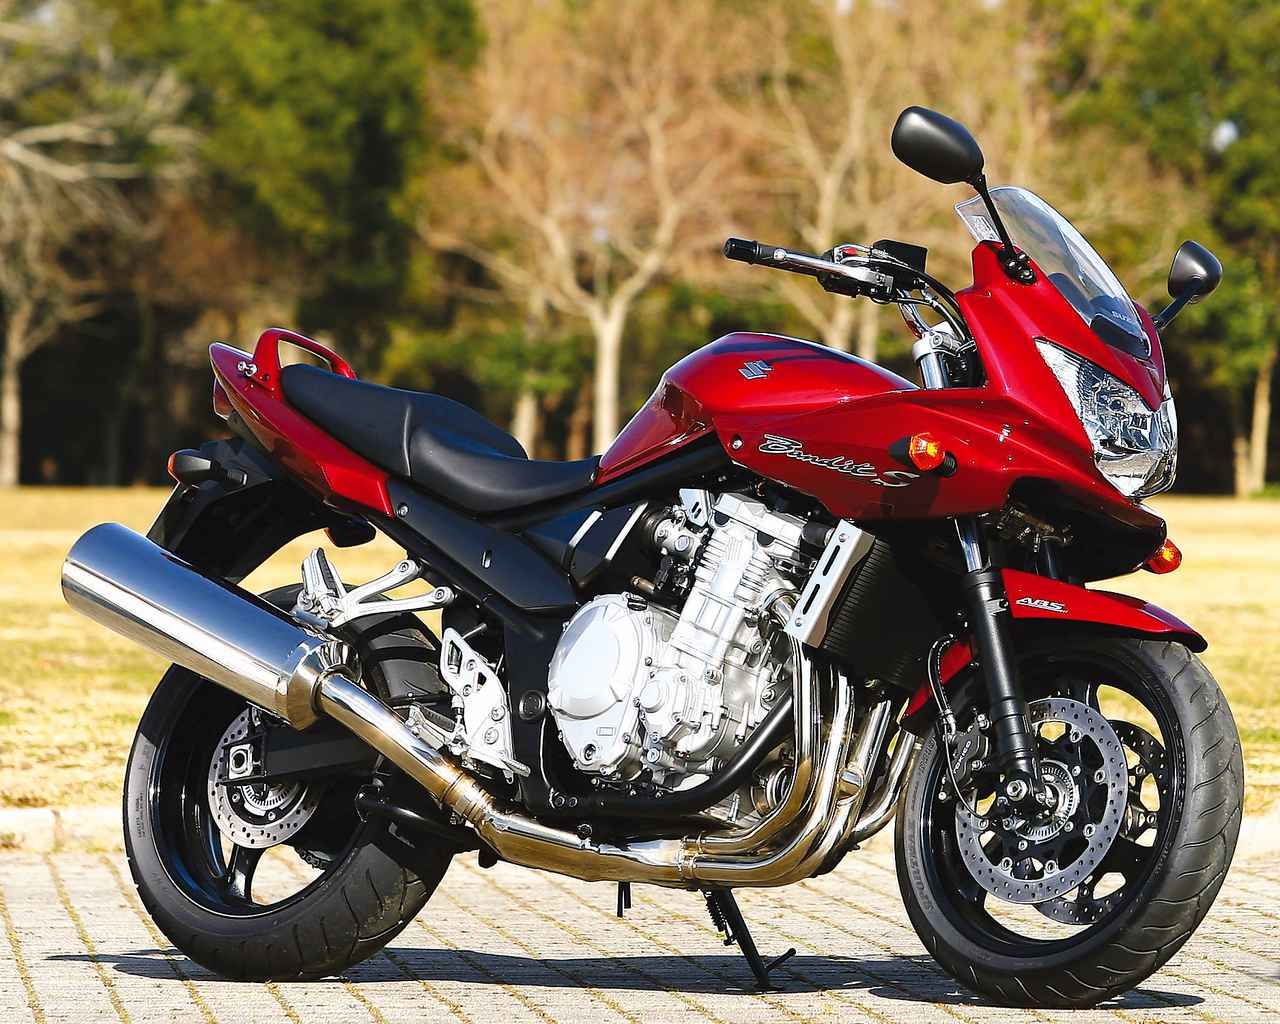 画像: SUZUKI BANDIT1250S エンジン形式:水冷4ストローク・DOHC4バルブ並列4気筒 内径×行程(総排気量):79.0×64.0㎜(1062cc) 最高出力:100PS/7500rpm 最大トルク:10.9kg-m/3500rpm ミッション:6速リターン ブレーキ前・後:ダブルディスク・ディスク 全長×全幅×全高:2130×790×1235mm タイヤサイズ 前・後:120/70ZR17・180/55ZR17 燃料タンク容量:19L ホイールベース:1485mm 乾燥重量:229kg 当時の発売価格:102万9000円 ※諸元はS・2007年モデル